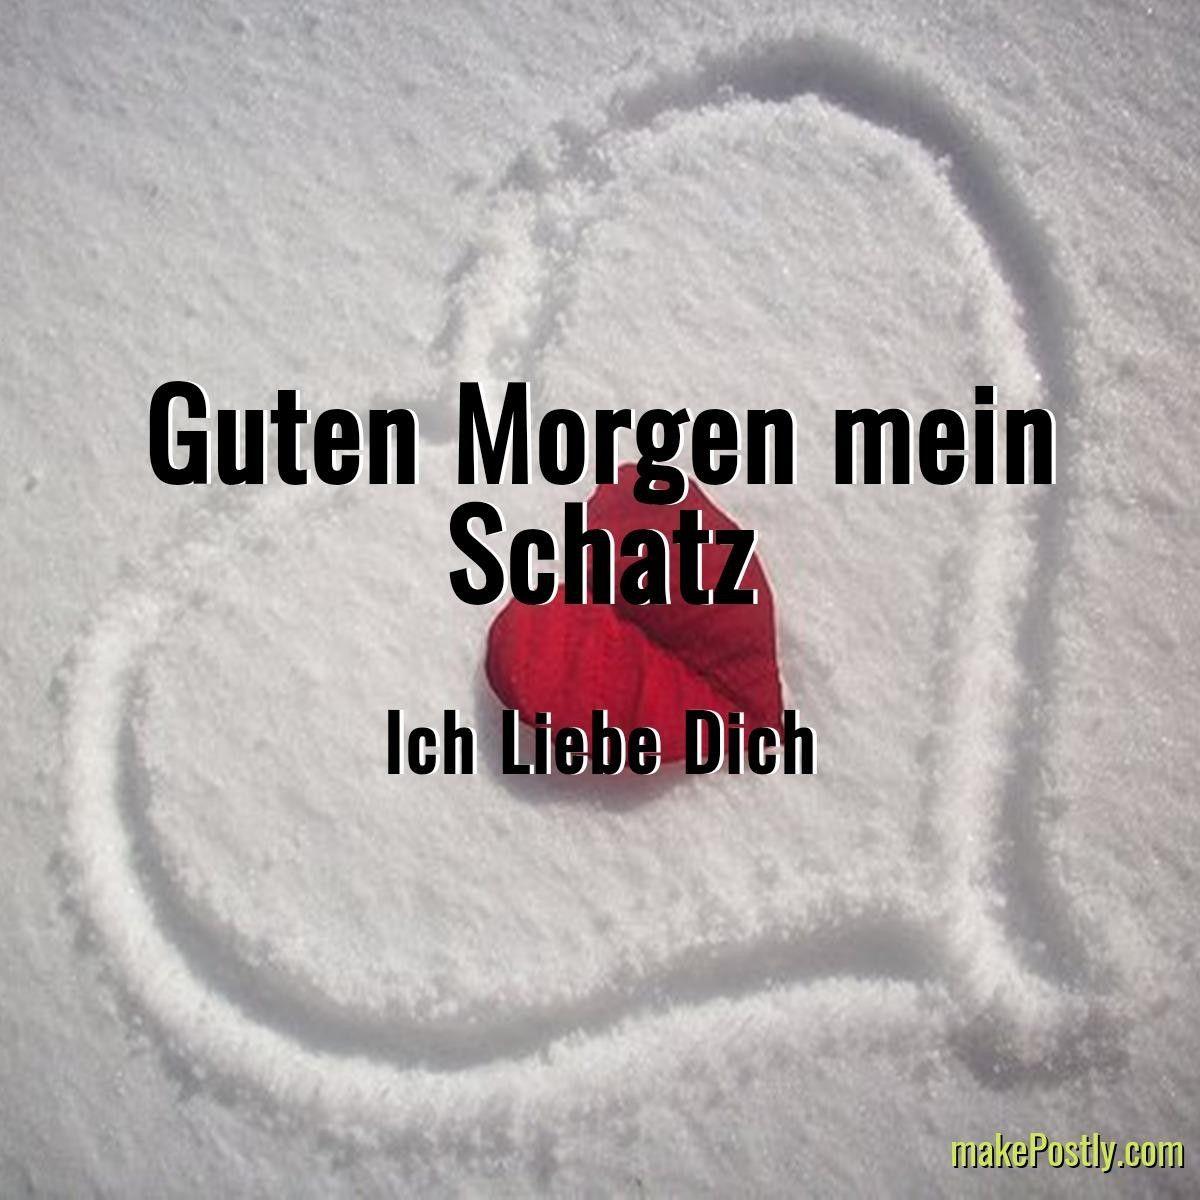 Pin Von Nicole Birner Pechtl Auf Love Schöne Sprüche Liebe